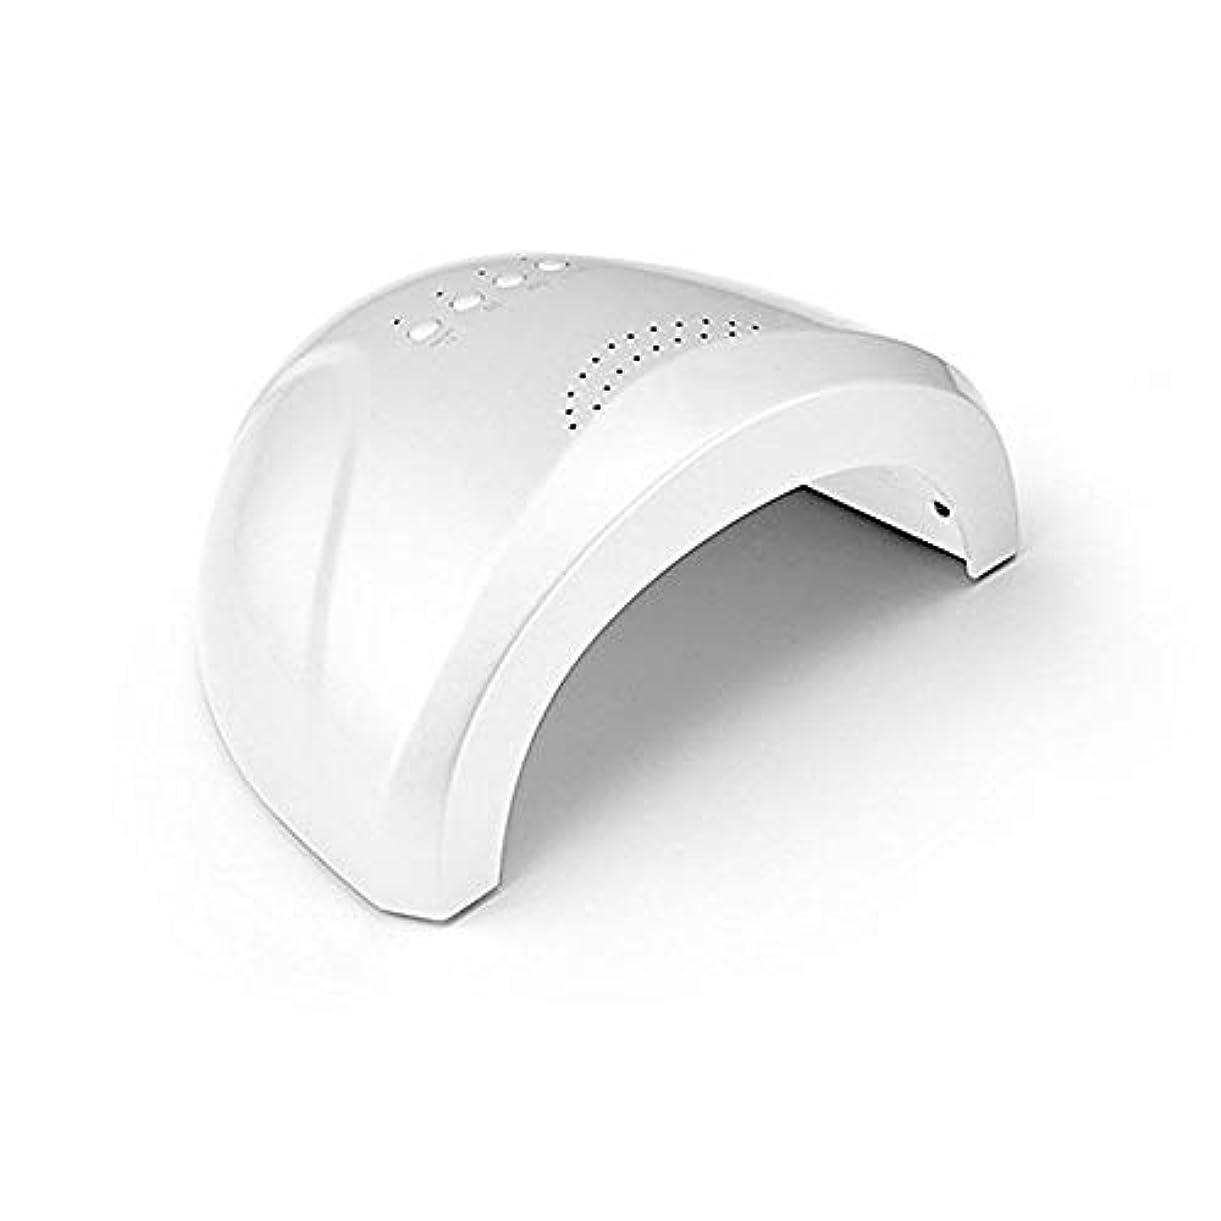 マーティフィールディング論争の的劇作家LED UVネイルドライヤーホワイトライトネイルランプ高速硬化3タイマー設定5 s / 30 s / 60 s爪&足の爪のネイルアートサロンツールの自動センサーマシン